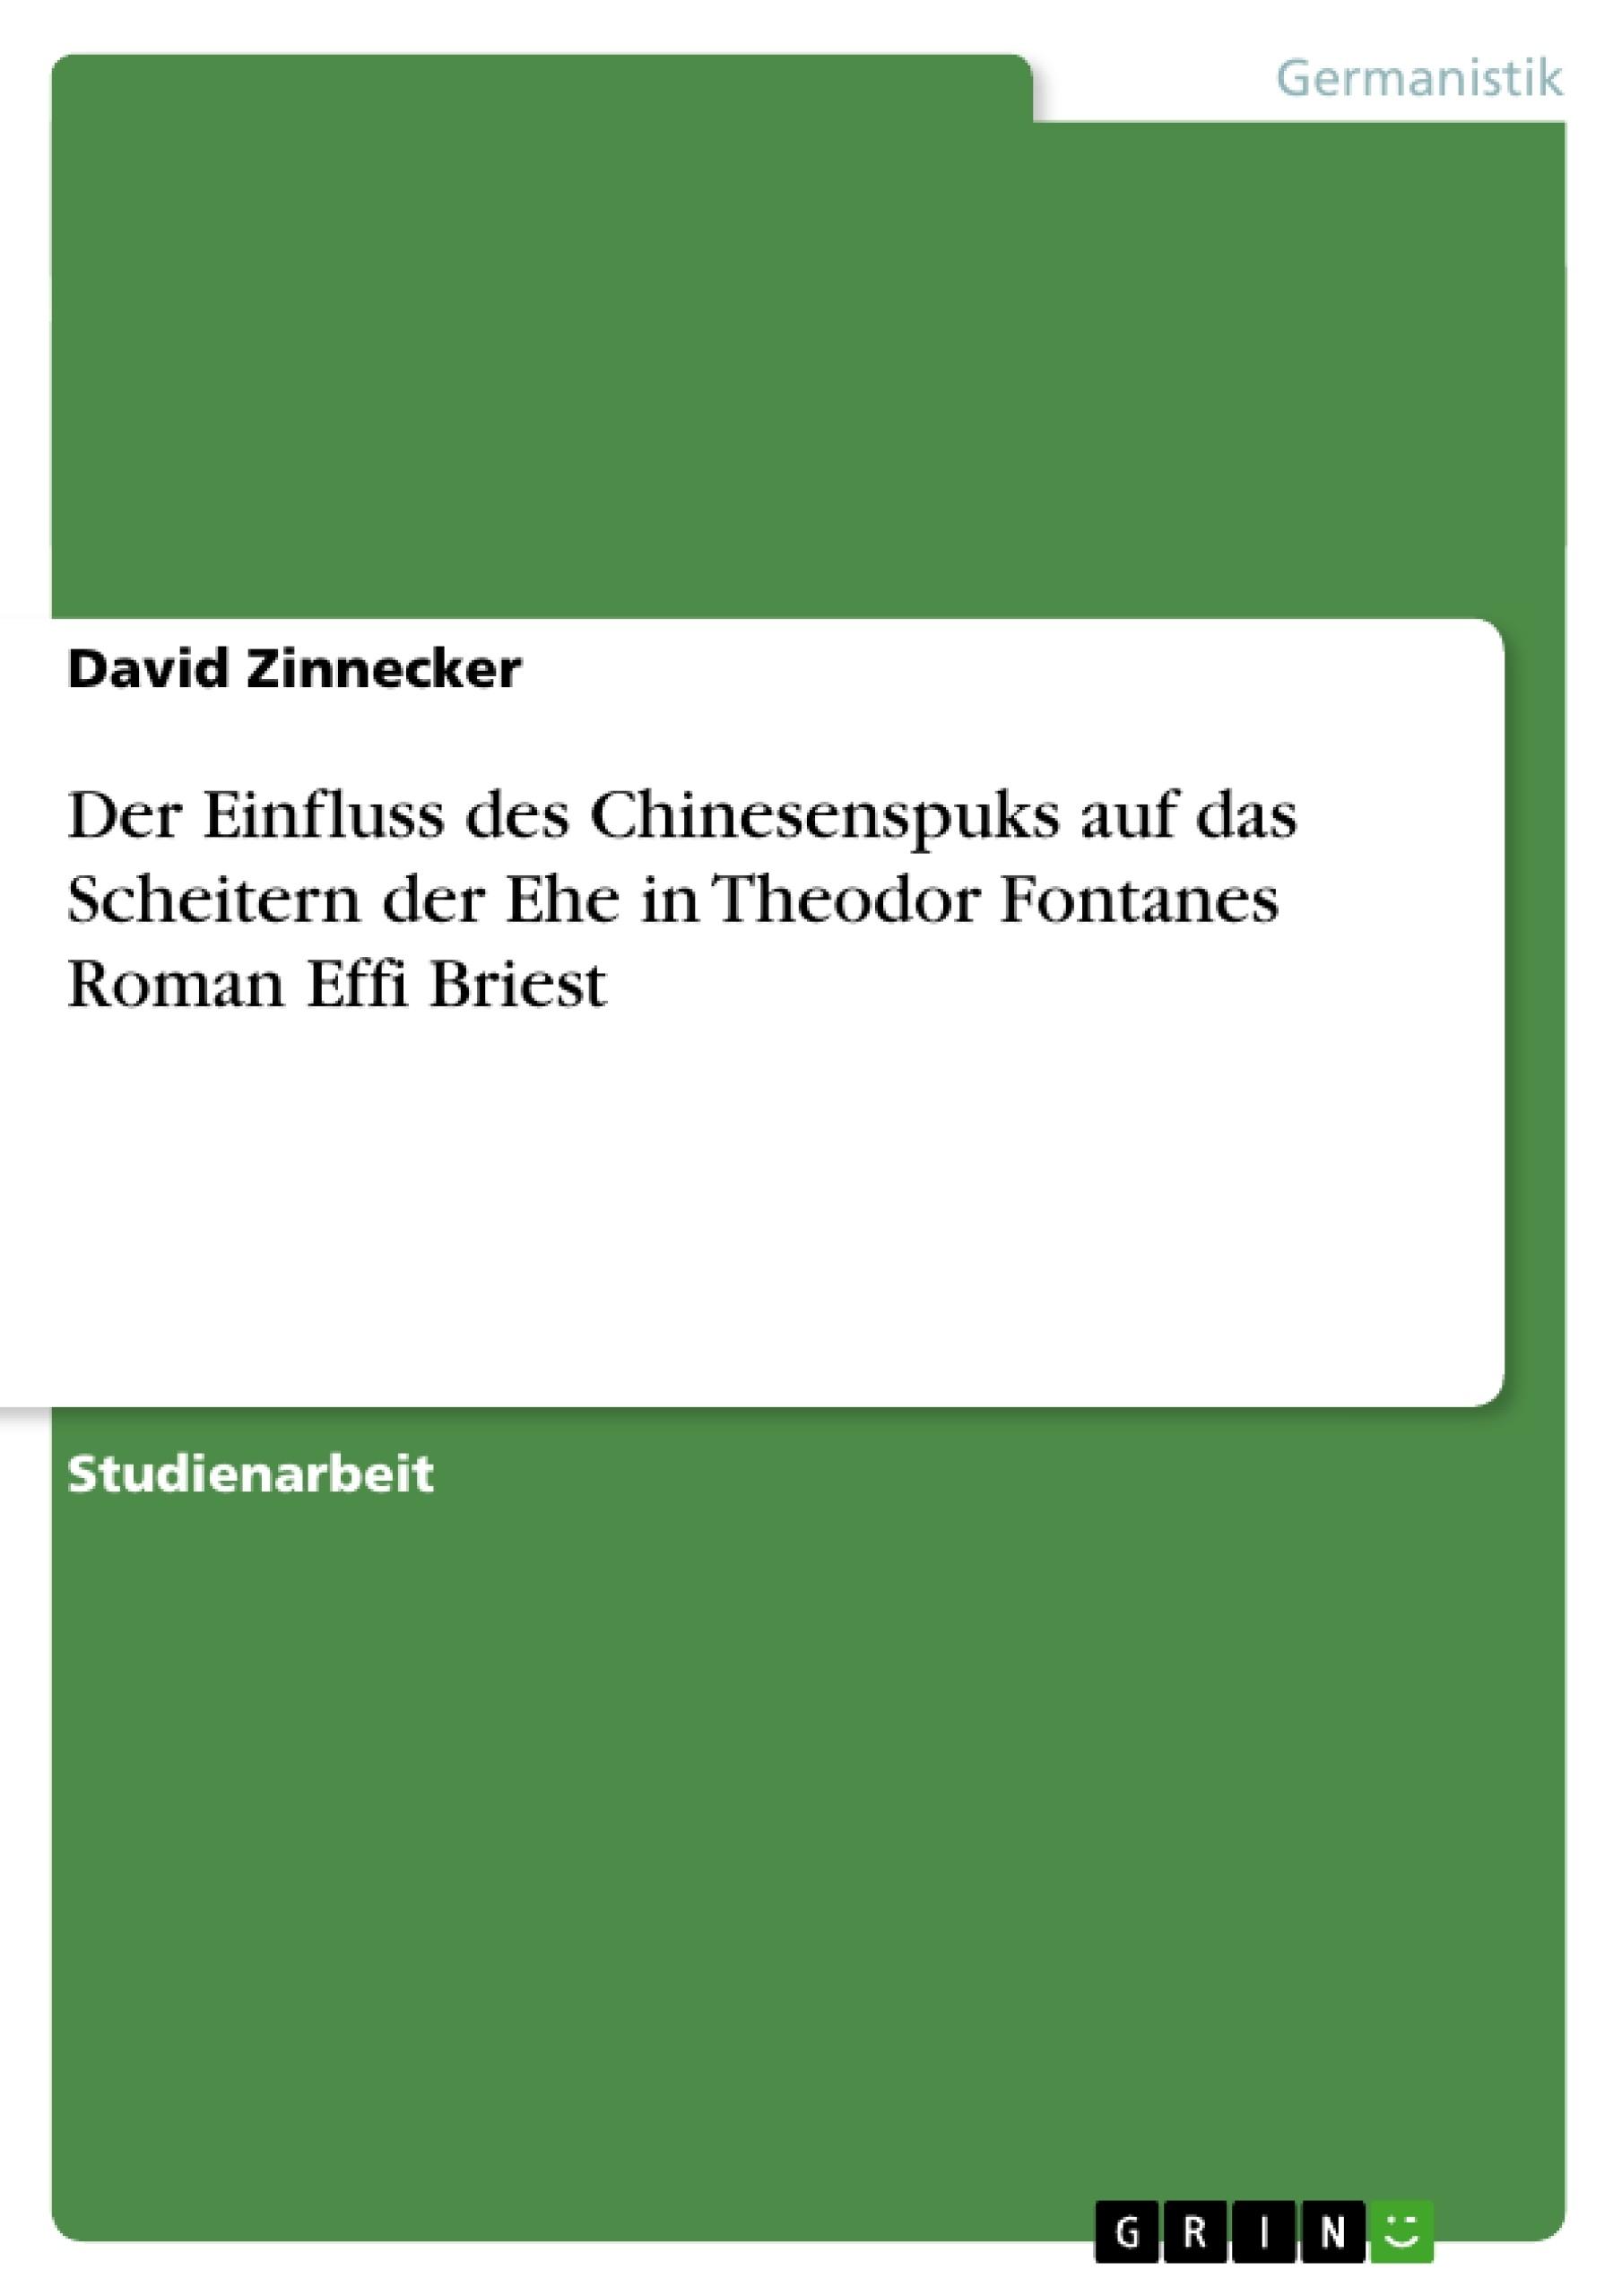 Titel: Der Einfluss des Chinesenspuks auf das Scheitern der Ehe in Theodor Fontanes Roman Effi Briest